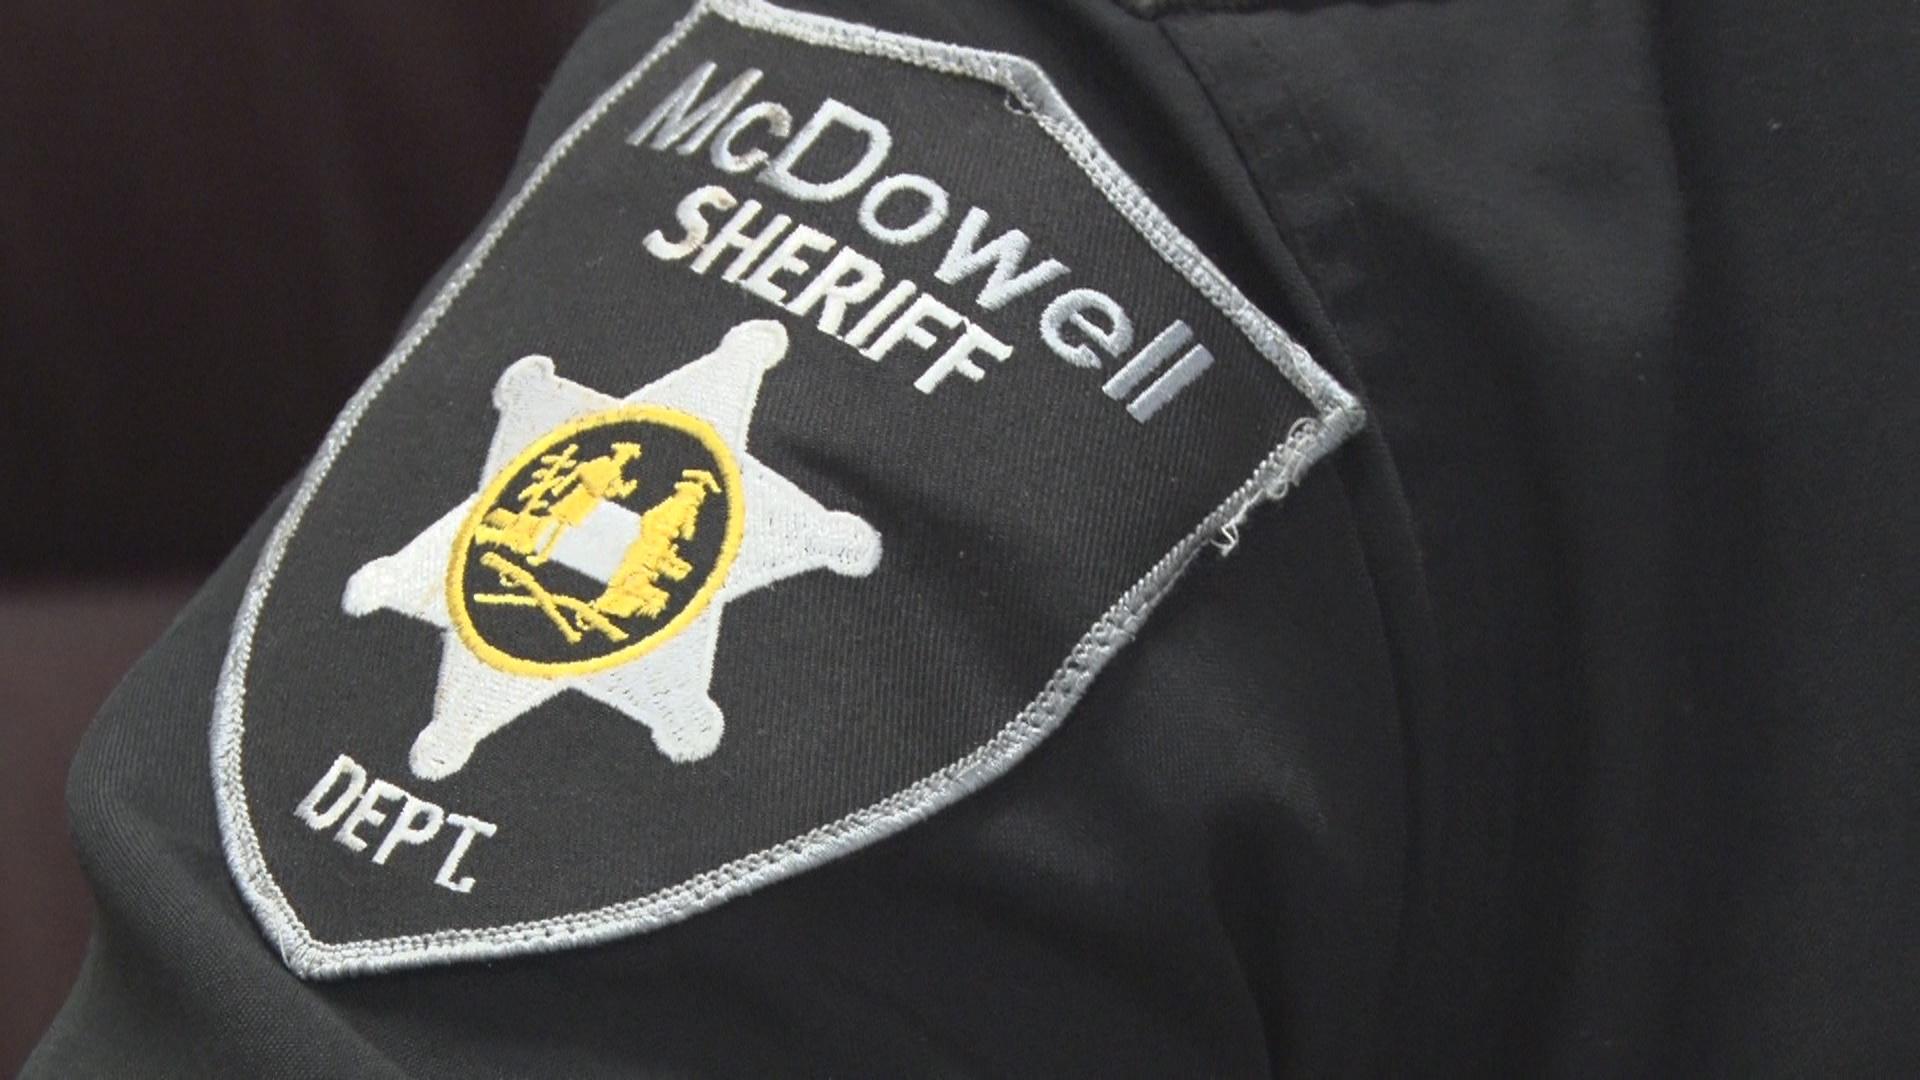 MCDOWELL_1533162863835.jpg